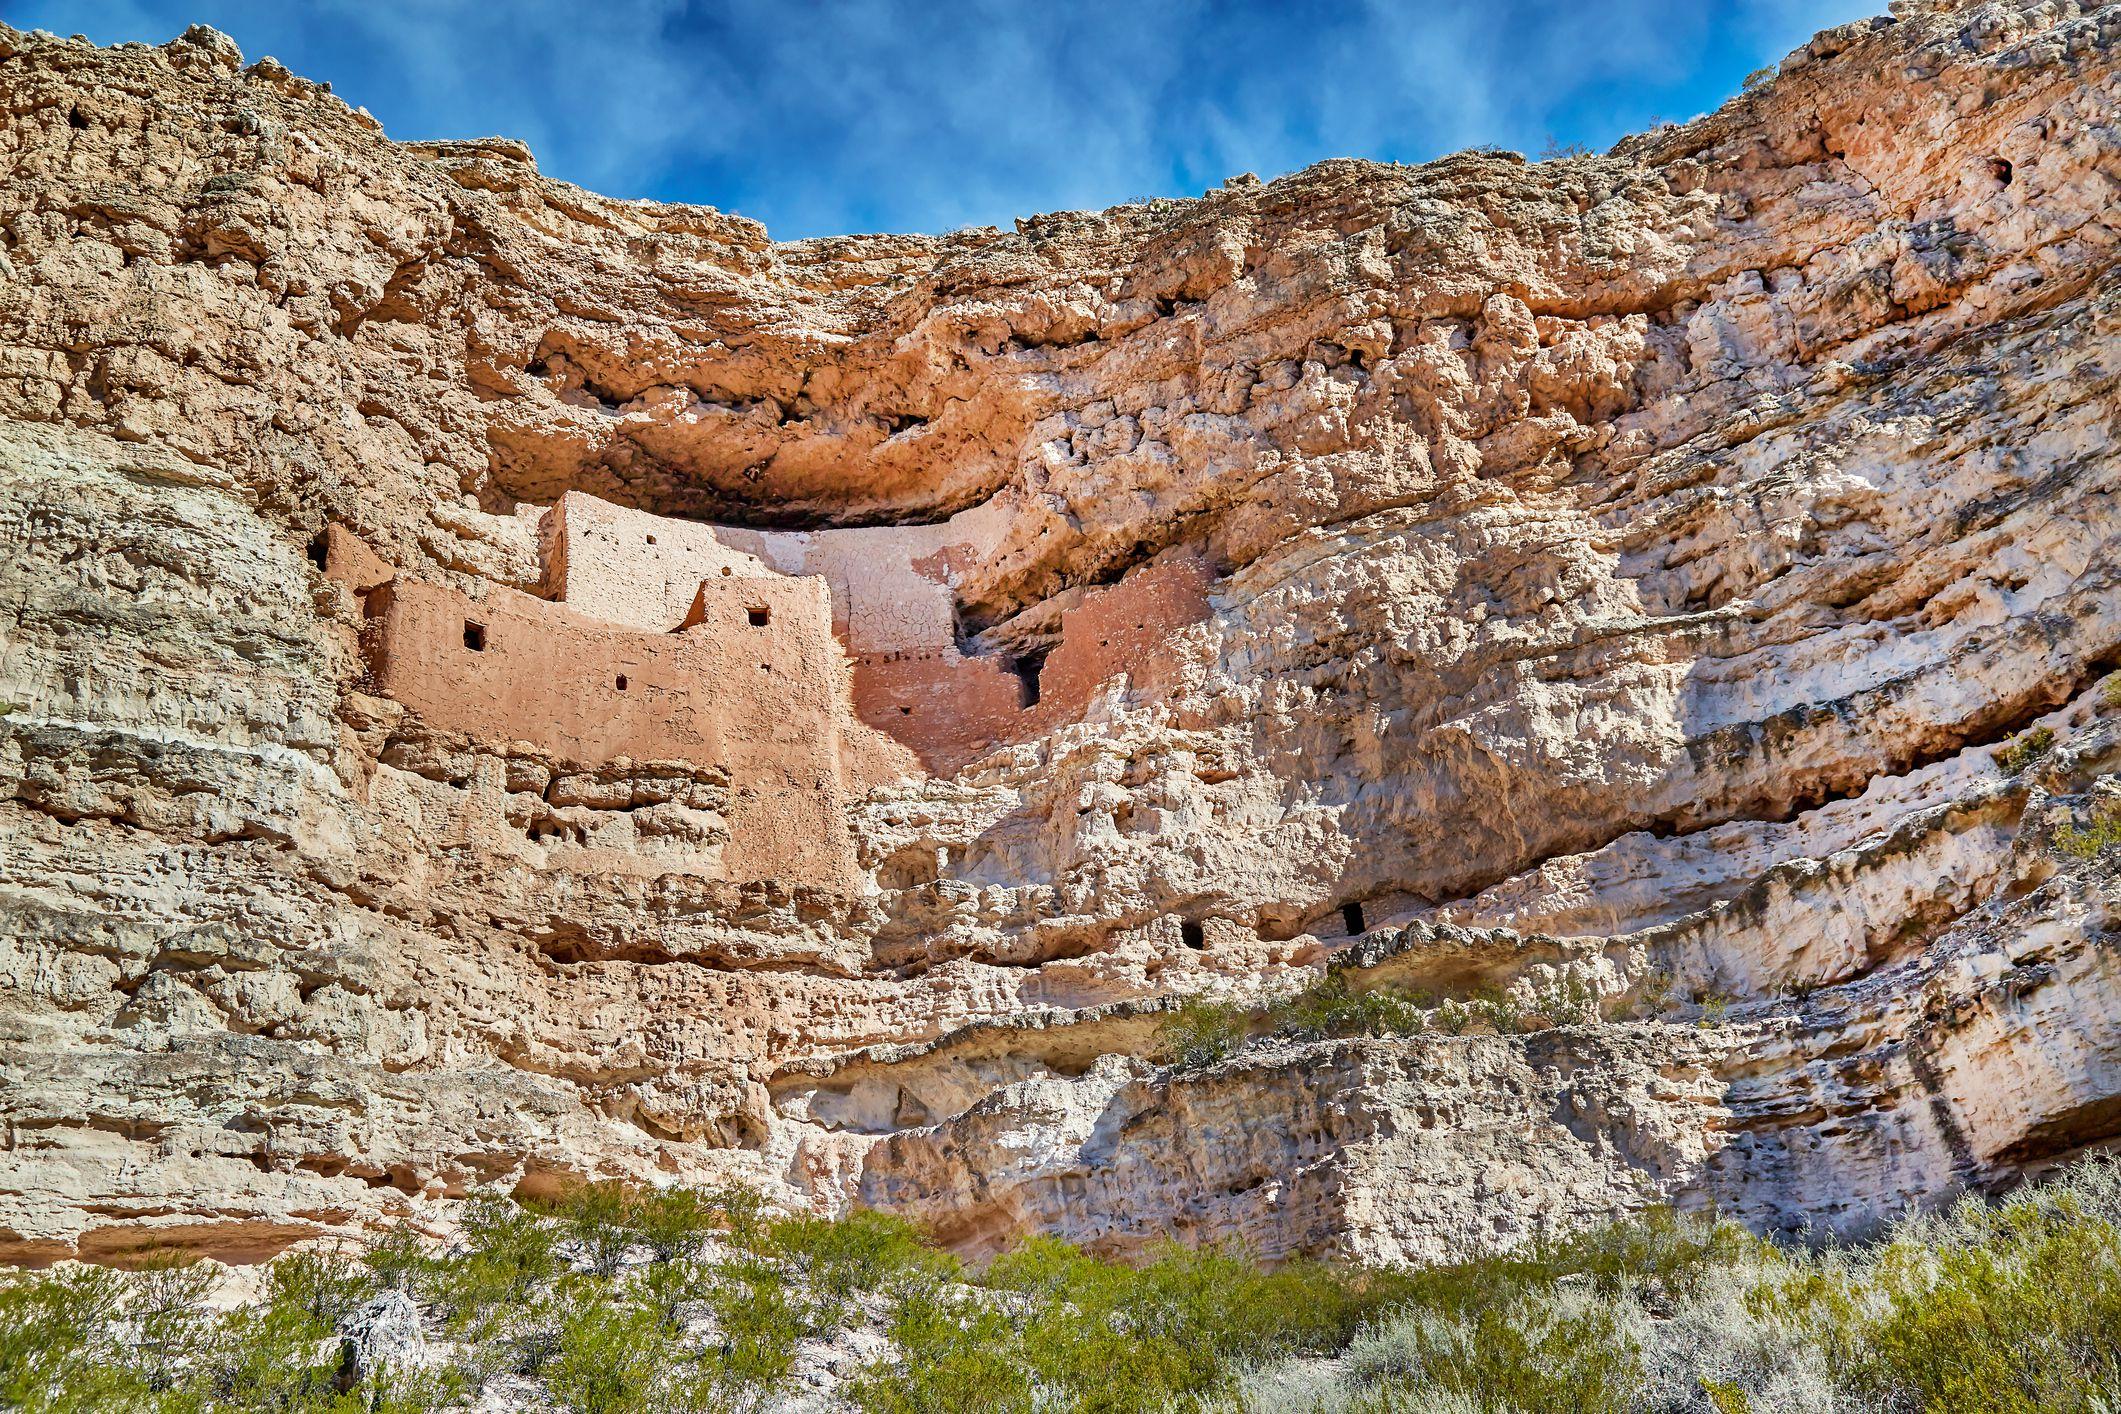 Monumento Nacional del Castillo de Montezuma, Arizona, EE. UU. , La motocicleta conduce la autopista hacia el Parque Tribal Navajo en Arizona, EE. UU.